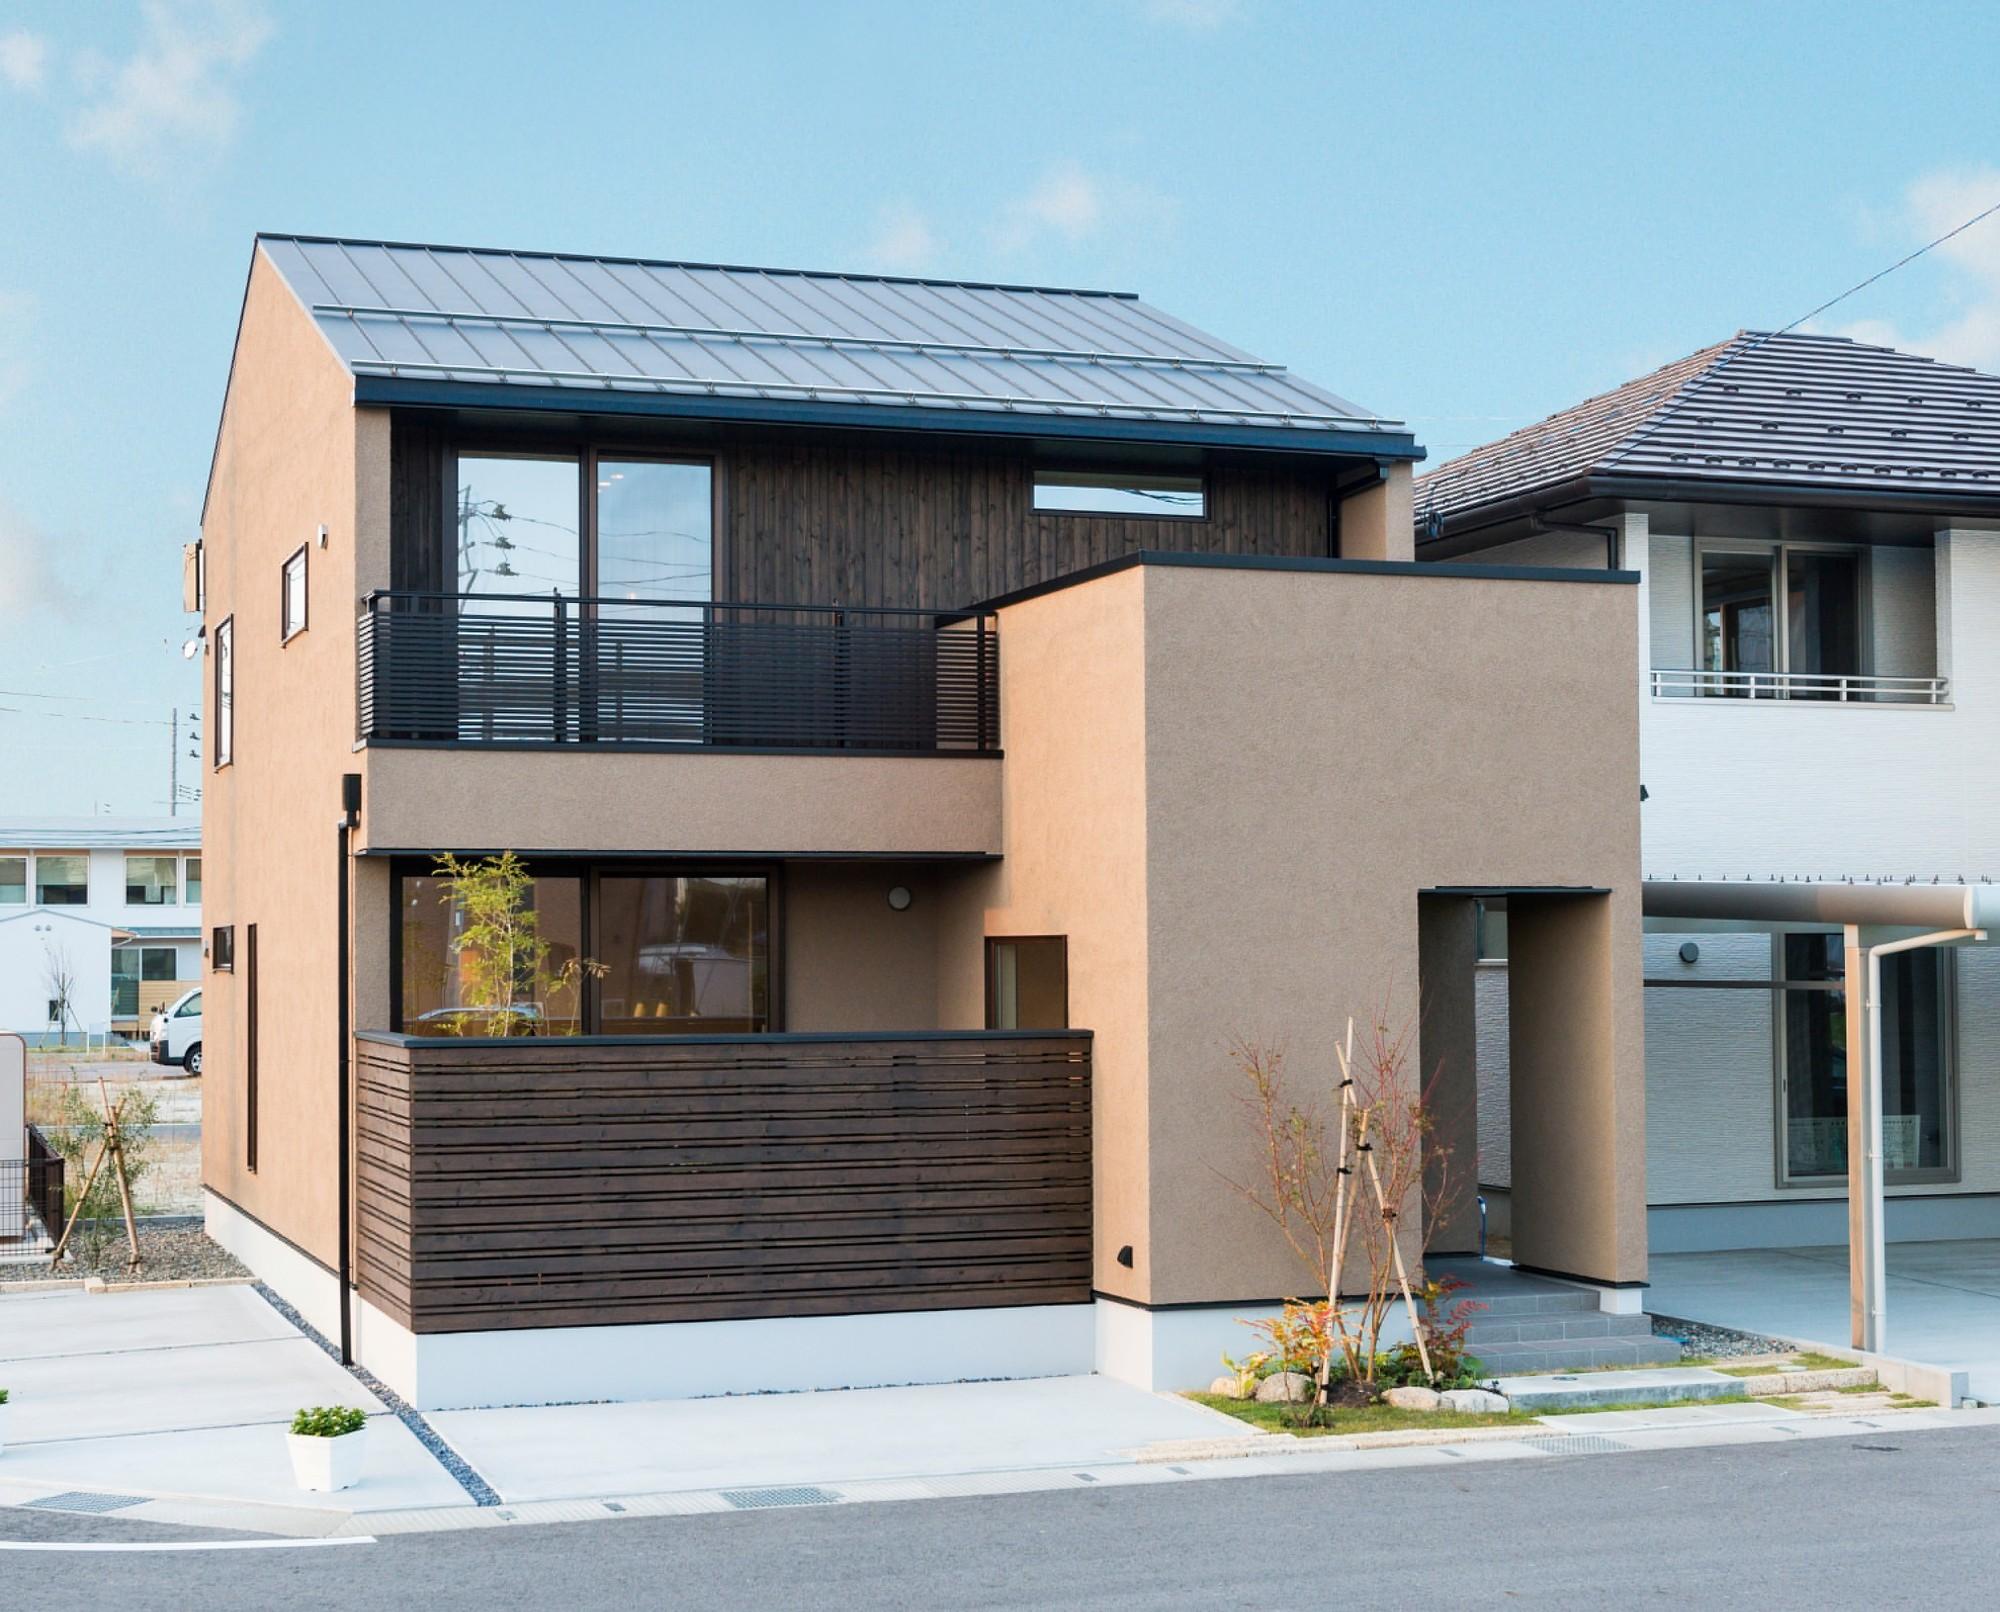 フクダハウジング株式会社「ワンランク上の美しさと機能性の高い家」のシンプル・ナチュラル・モダンな外観の実例写真